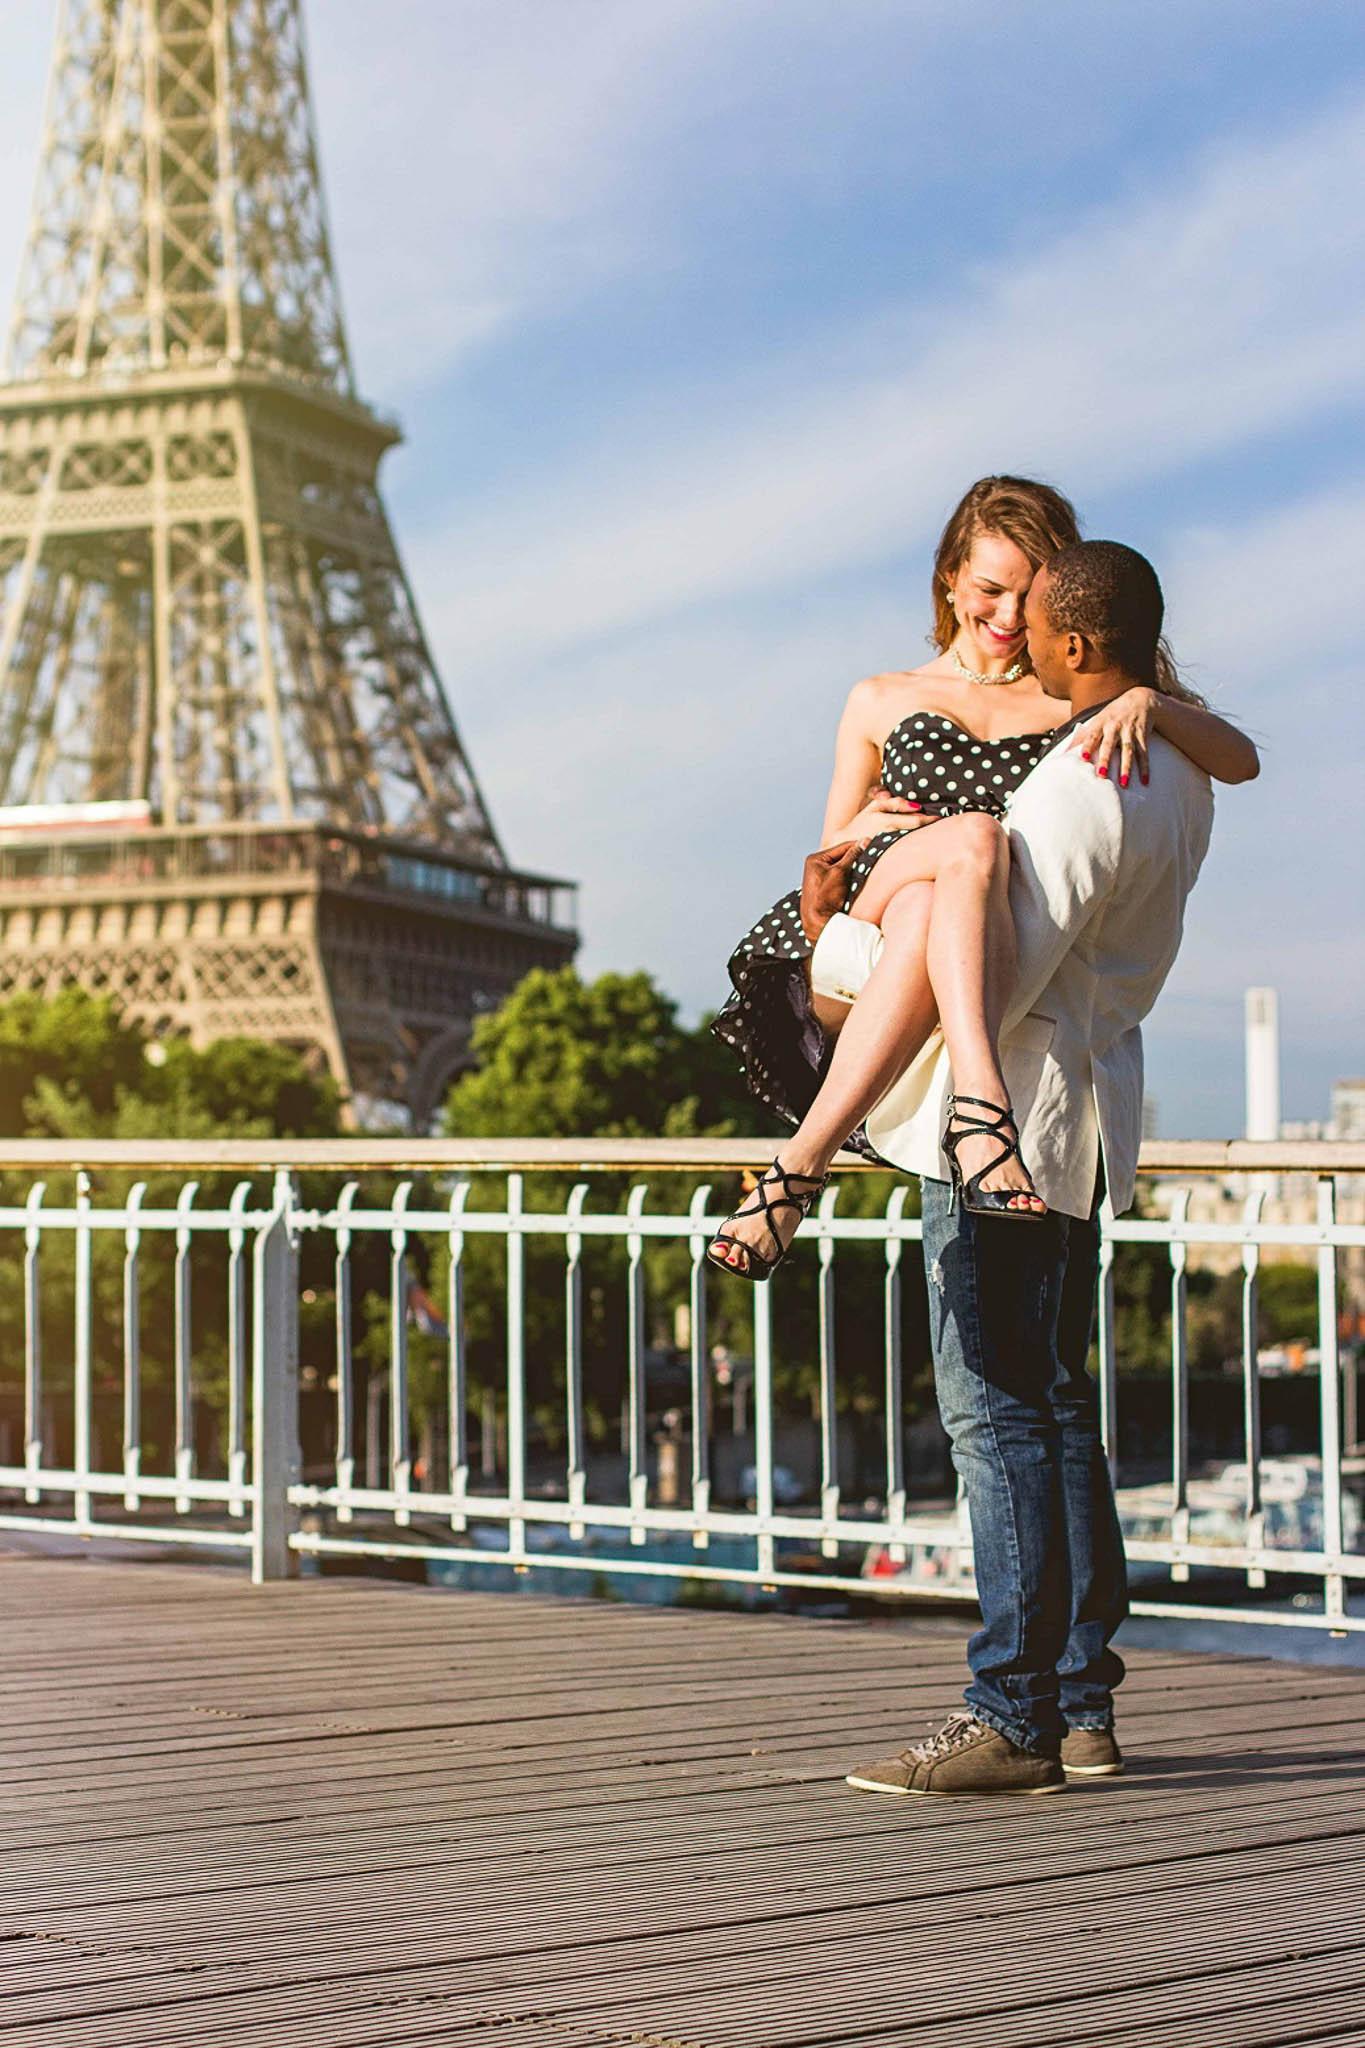 Art_Avec_Amour_Photographe_Mariage_Famille_Paris_France-00056.jpg